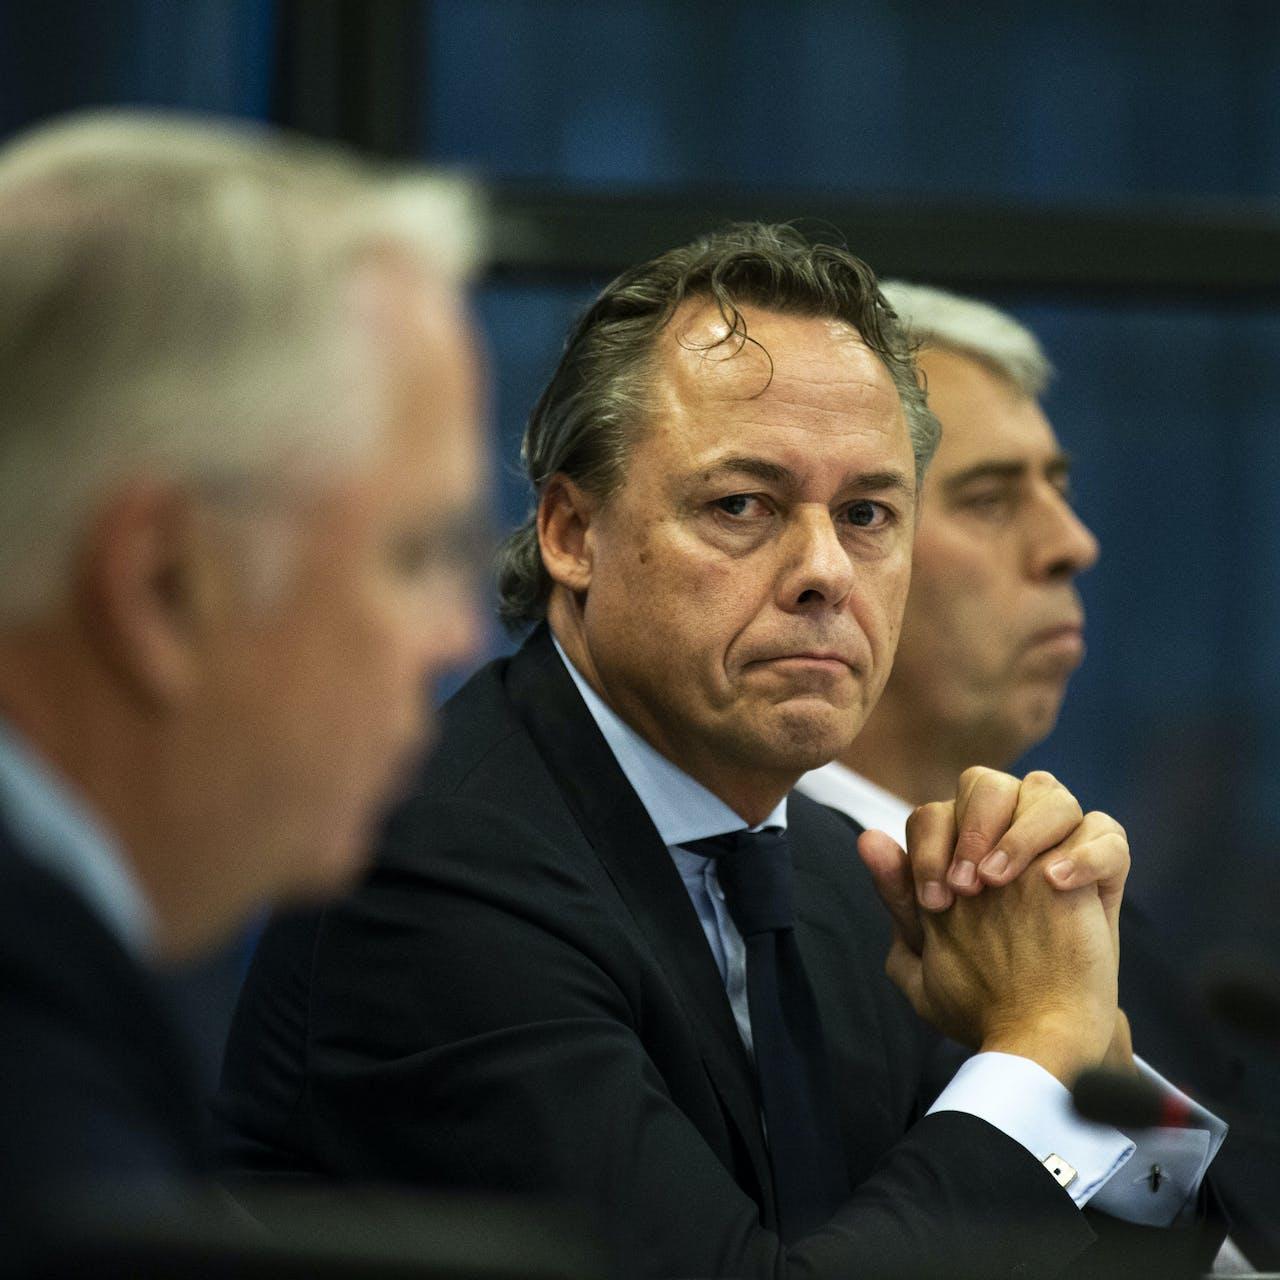 ING-topman Ralph Hamers bij een rondetafelgesprek in de Tweede Kamer over de stand van zaken in de financiele sector.